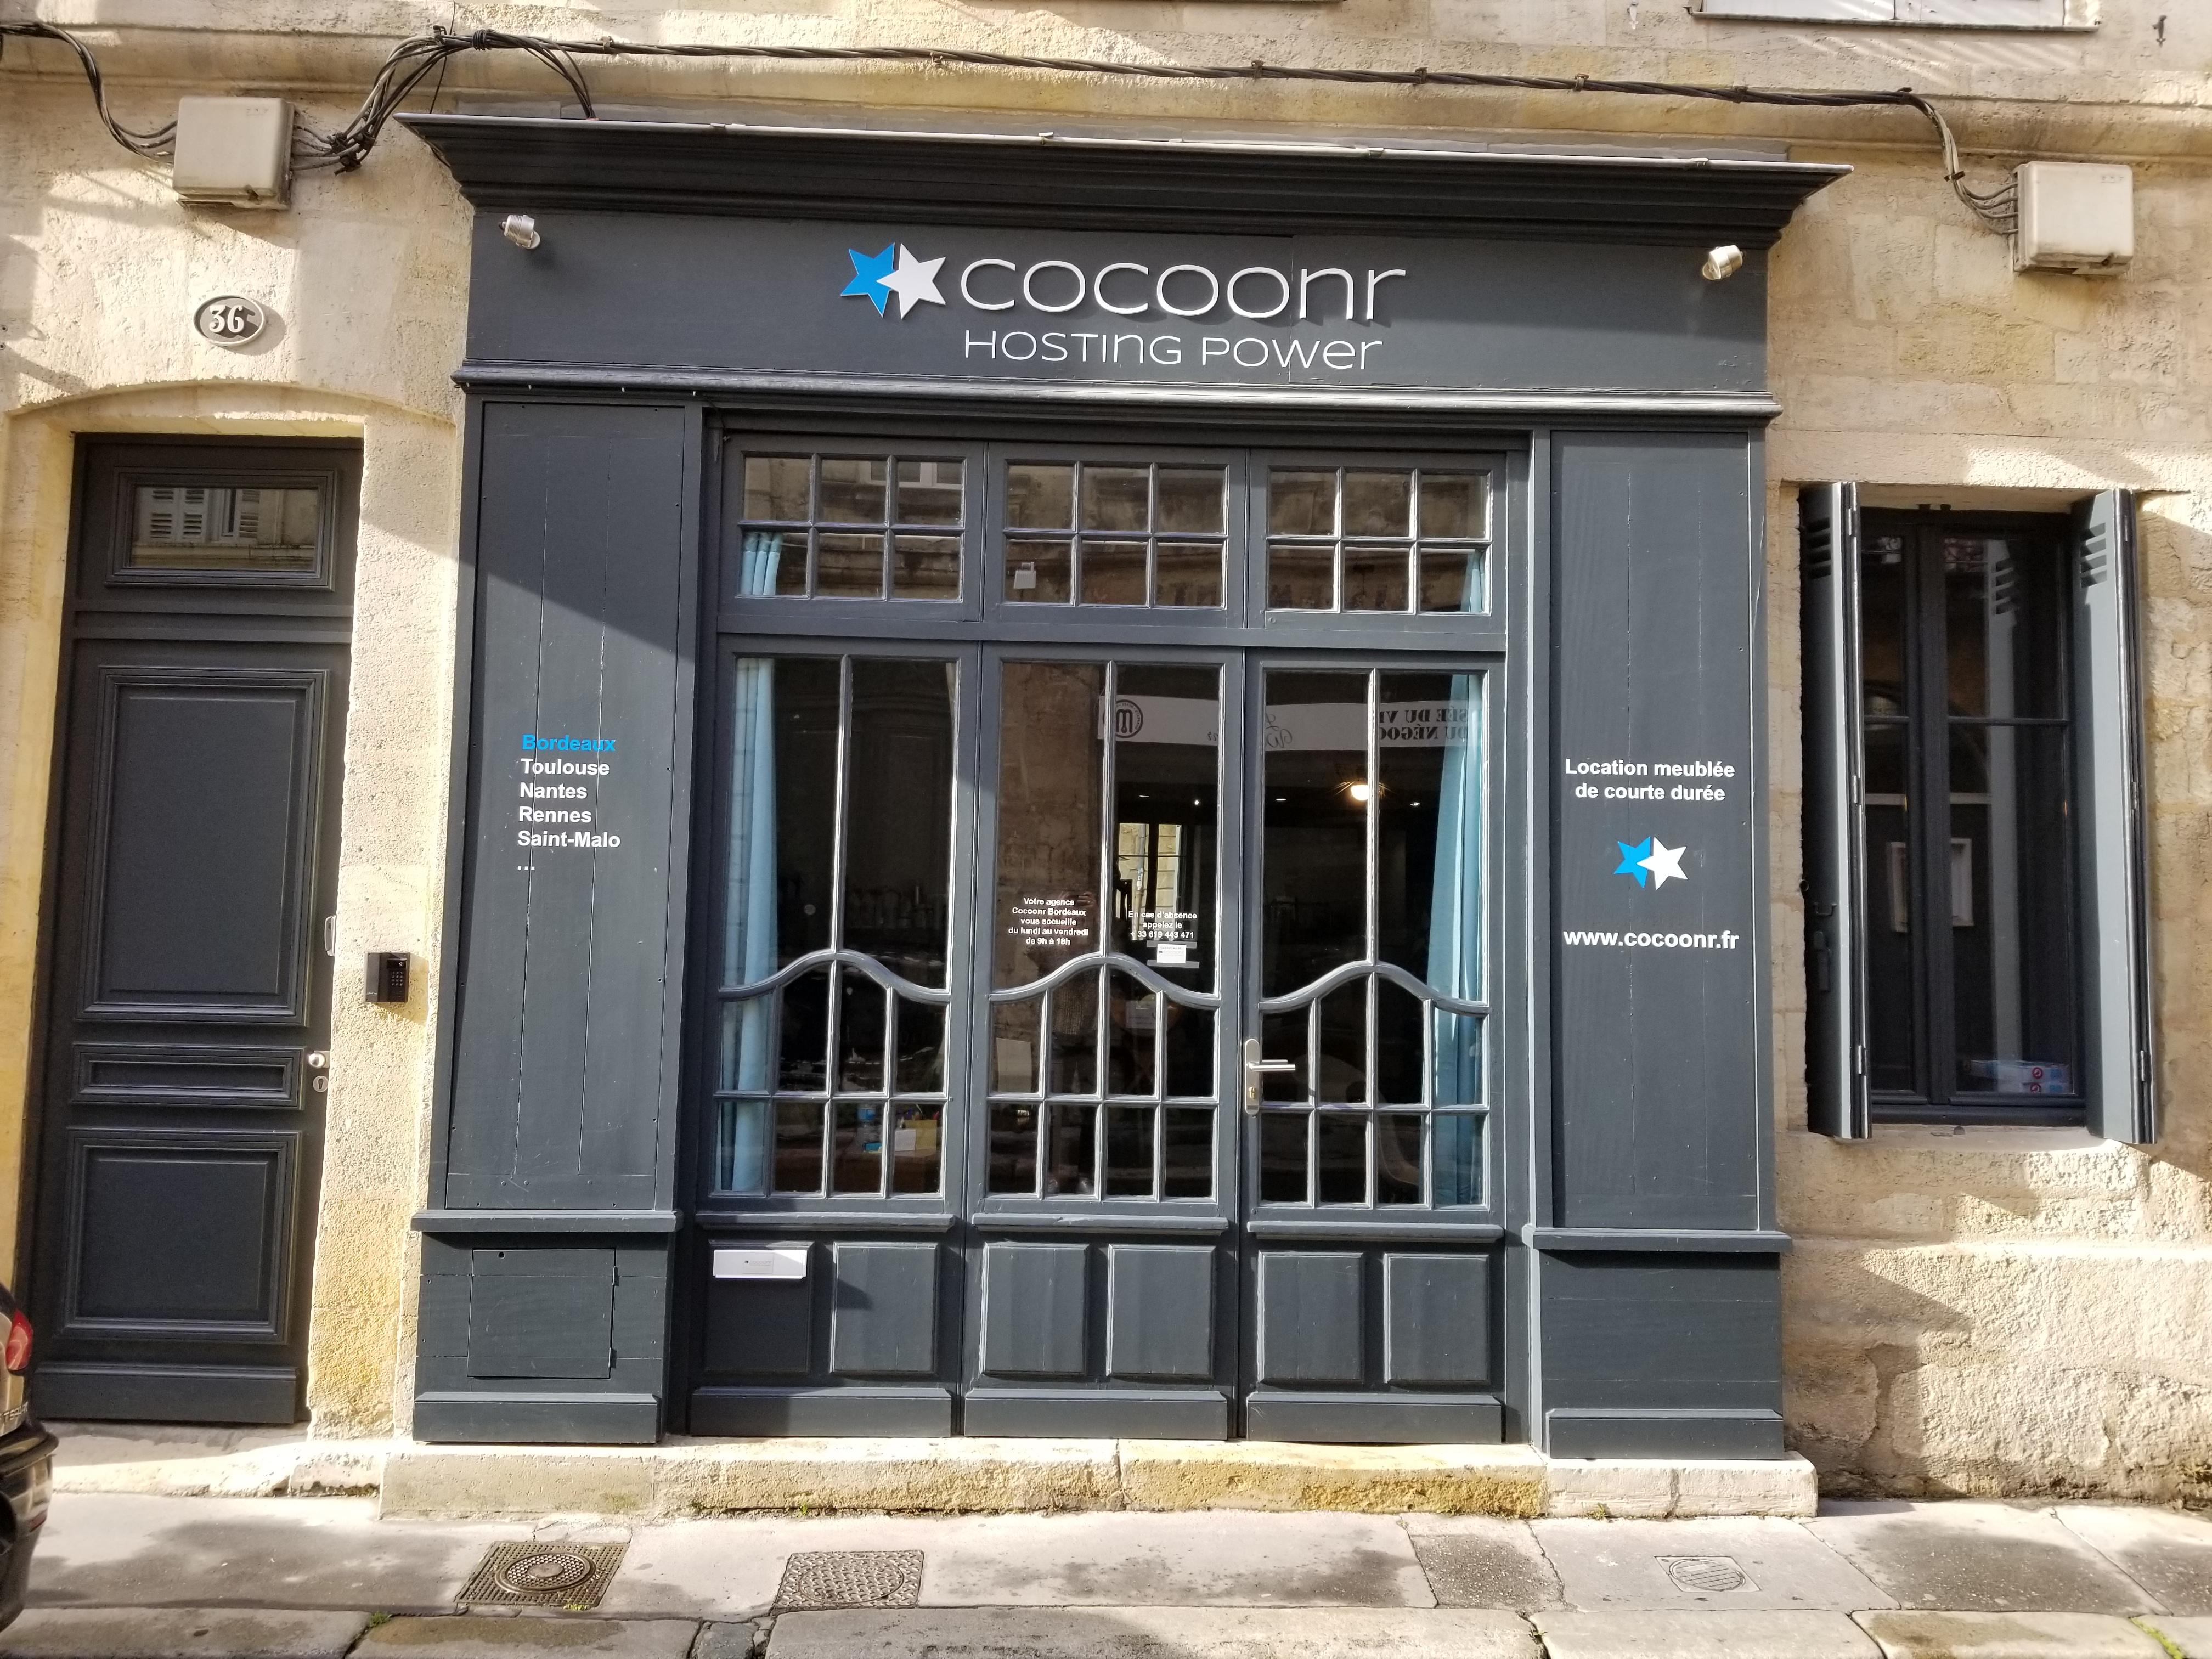 Photo Agence Cocoonr - Conciergerie Airbnb à Bordeaux